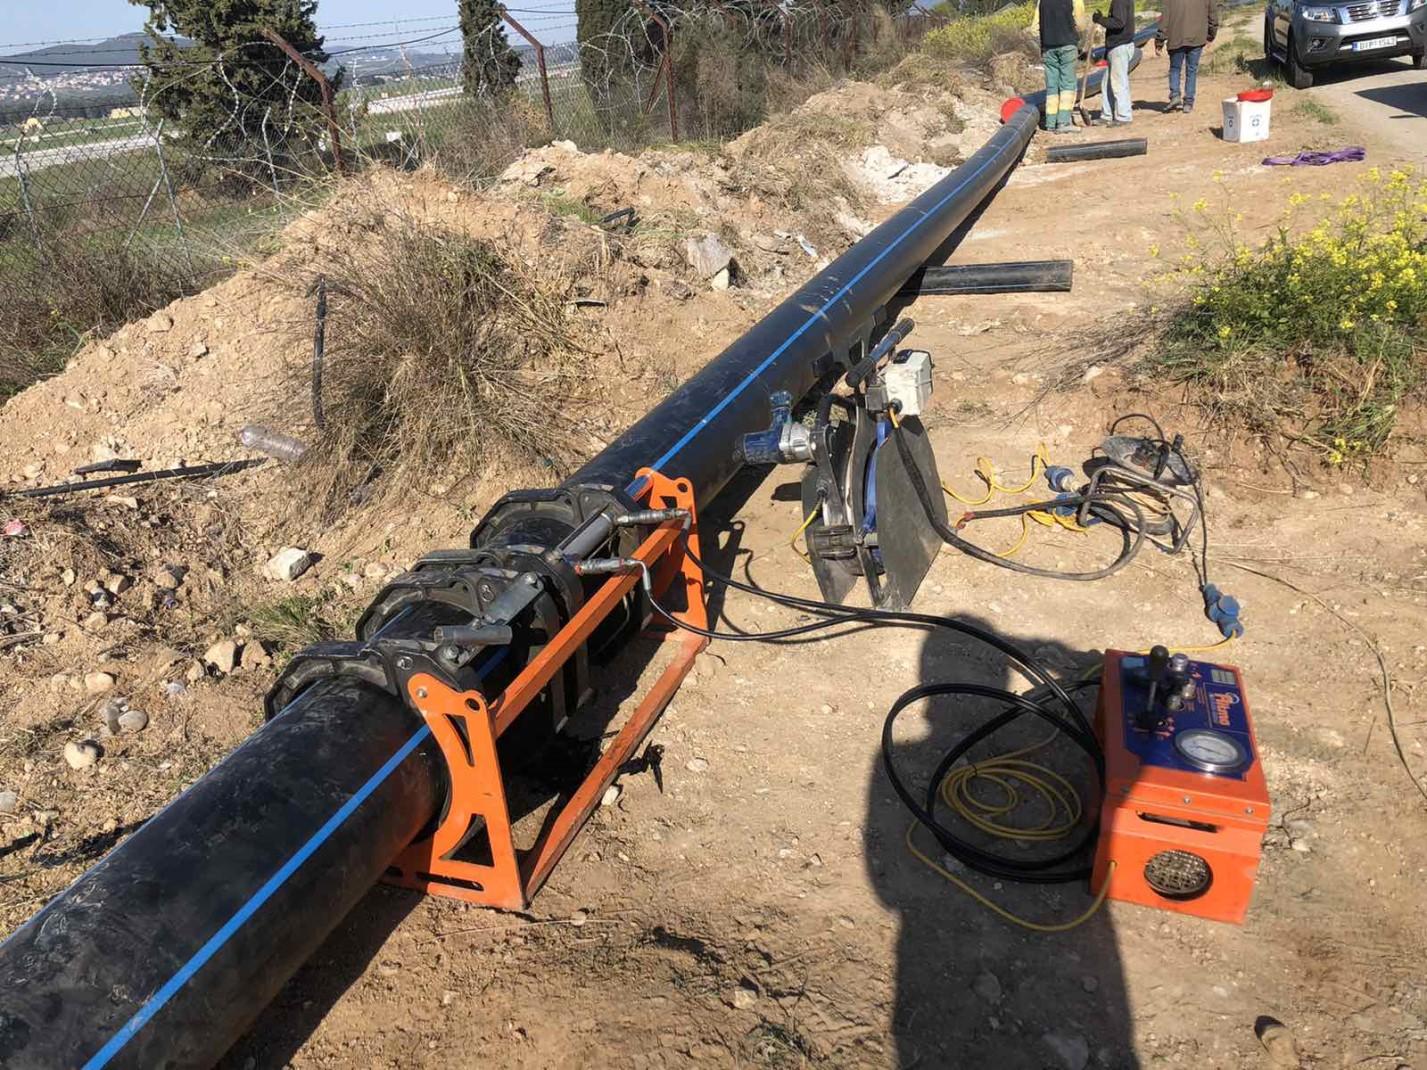 """Δήμος Τανάγρας - Προχωρούν οι εργασίες του έργου: """"Αντικατάσταση αγωγού από αεροδρόμιο έως αντλιοστάσιο Σχηματαρίου""""(ΦΩΤΟ)"""